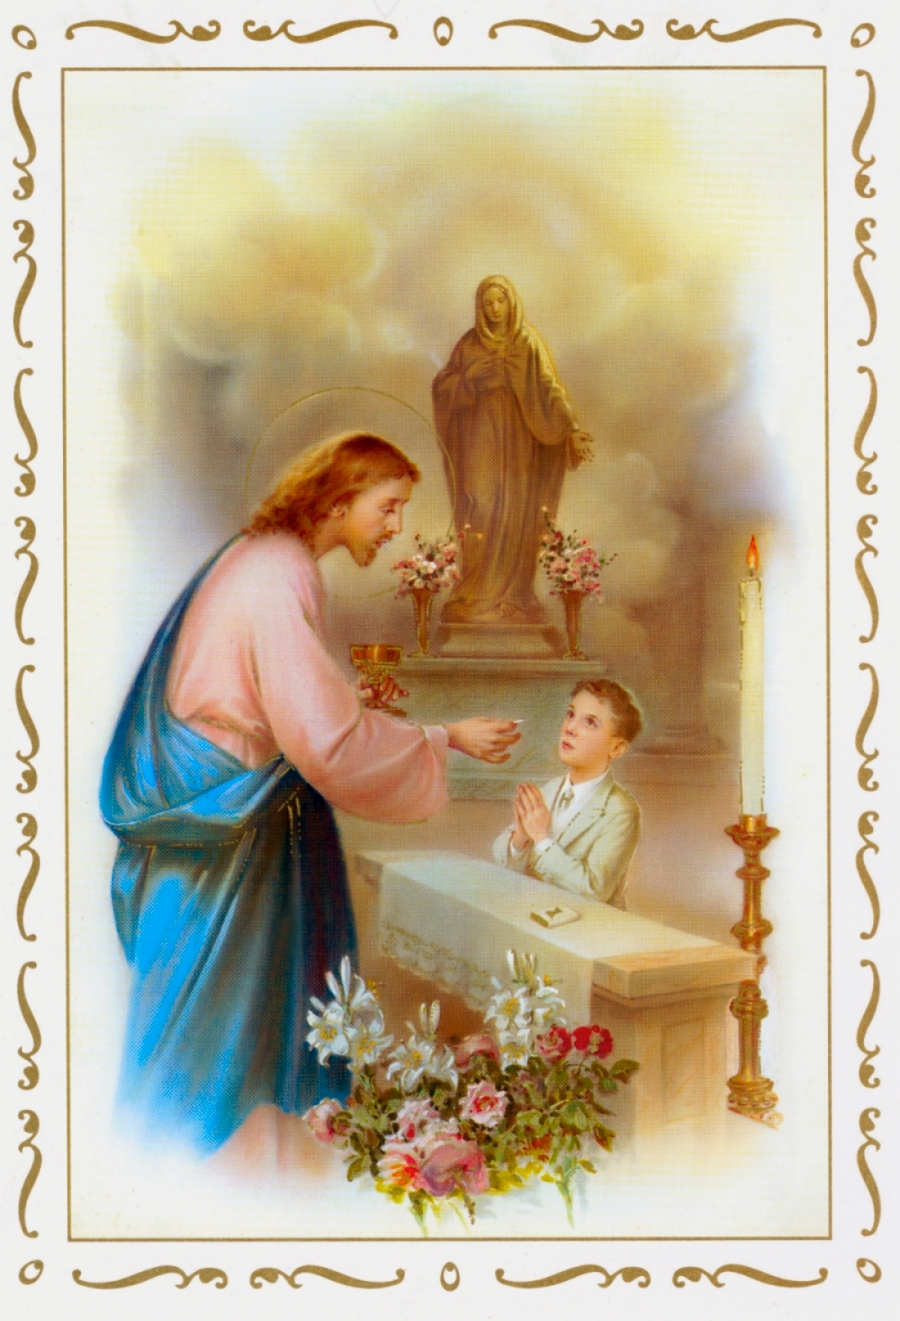 Eucharistic Images